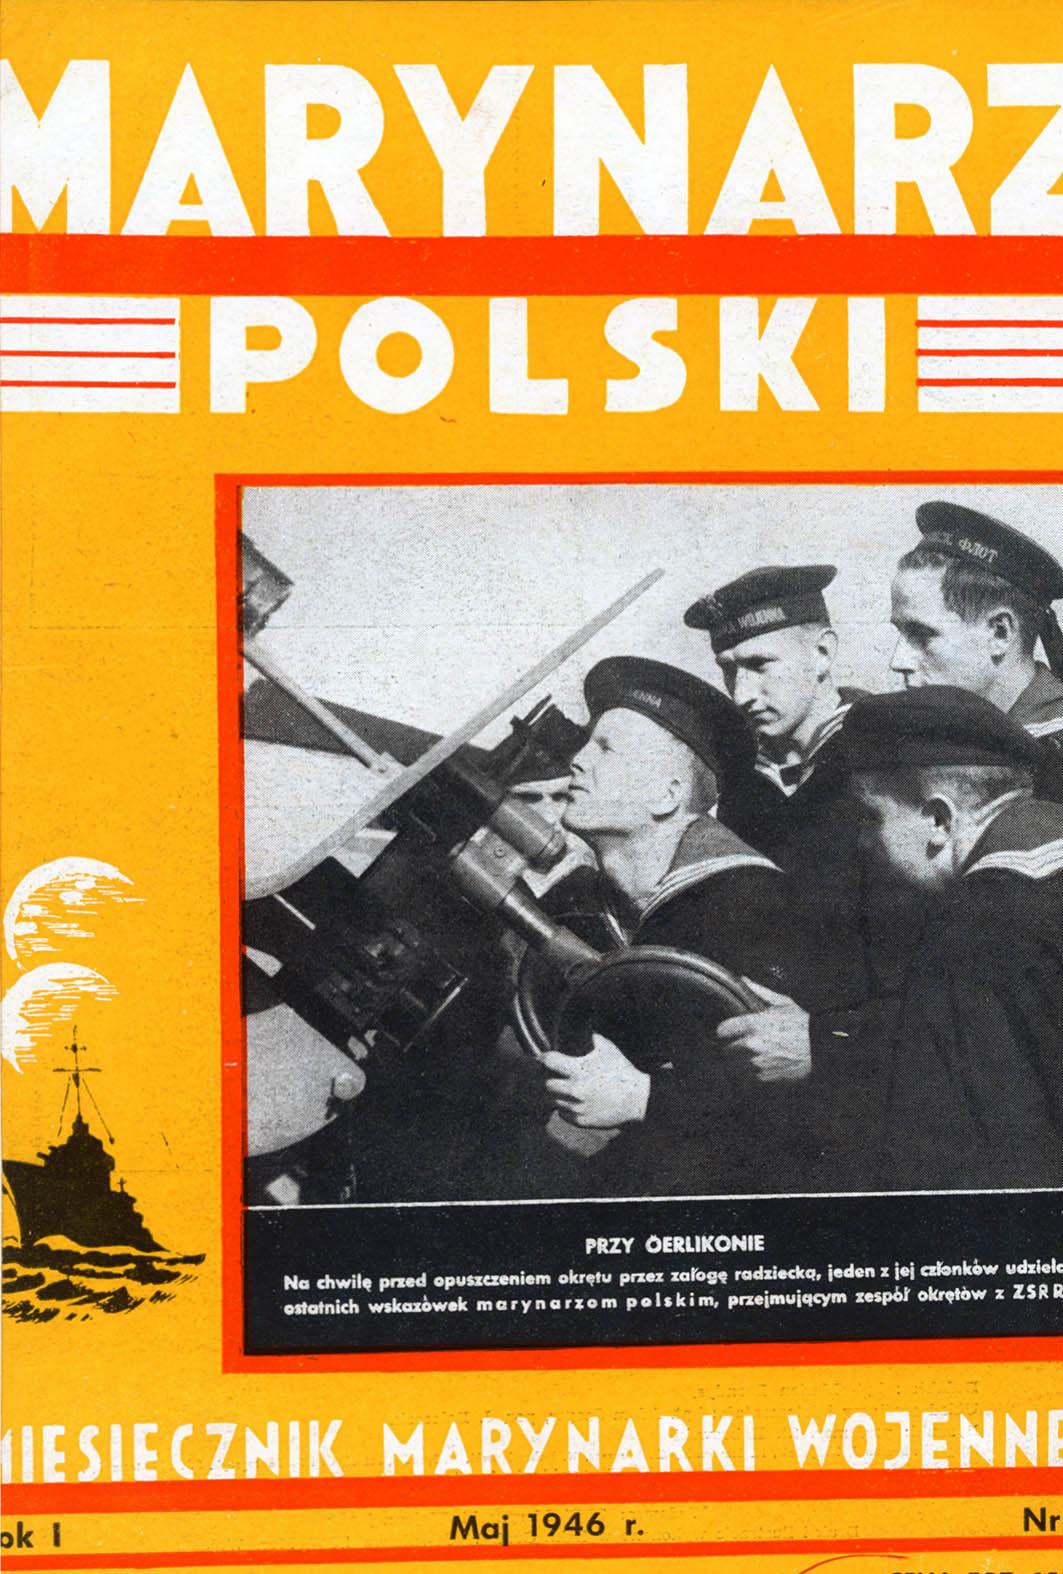 Marynarz Polski : miesięcznik Marynarki Wojennej. - Gdynia : Zarząd Pol.- Wych. Marynarki Wojennej, 1946, maj